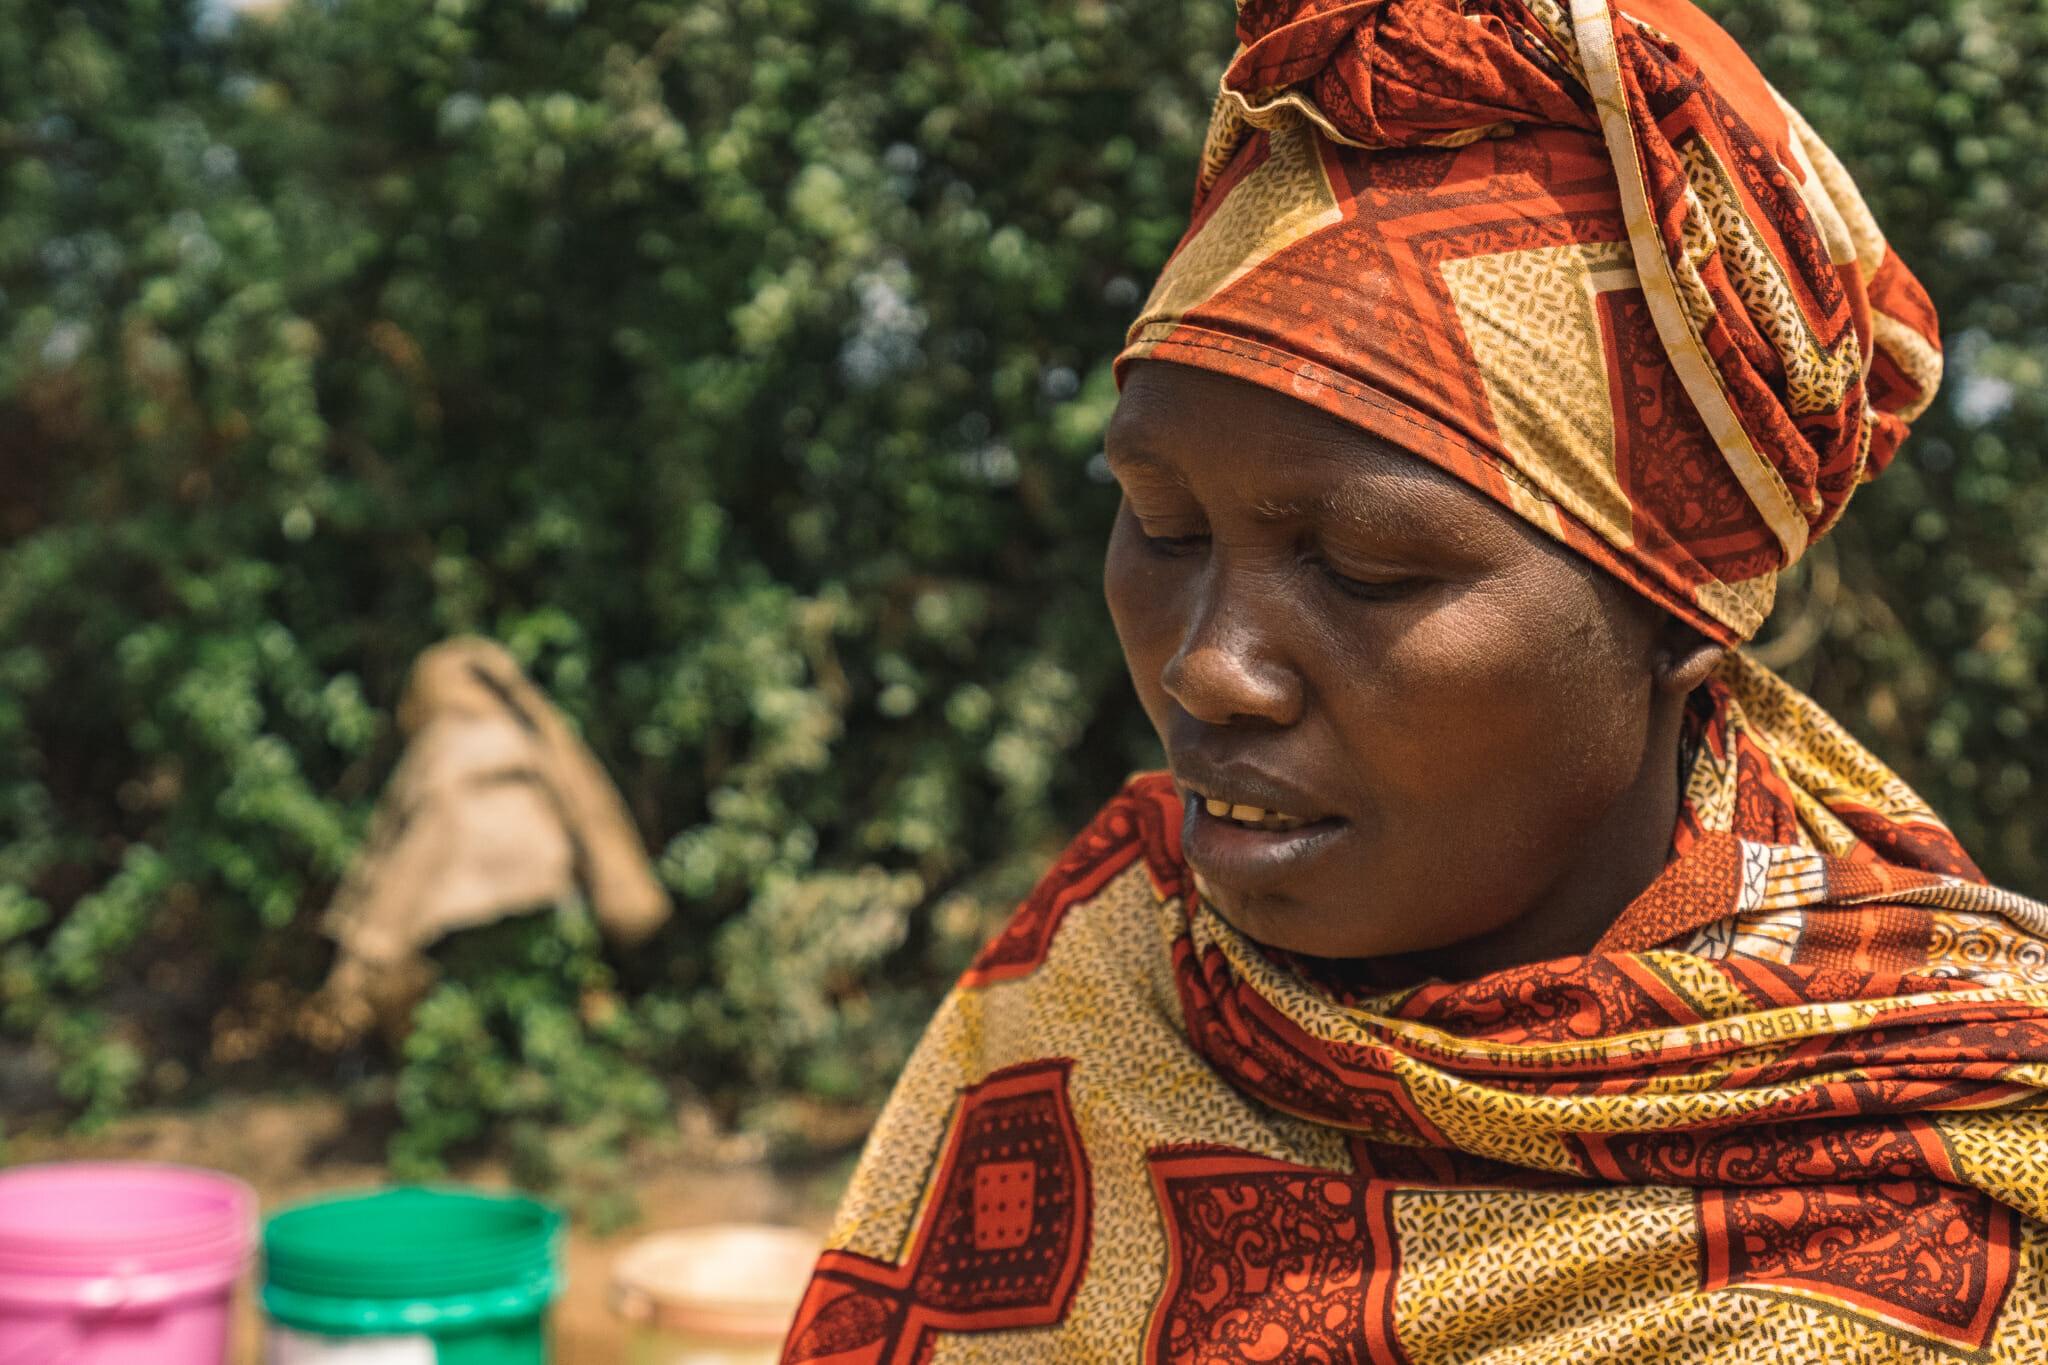 Rencontre avec une femme artisane dans le village de Endallah en Tanzanie